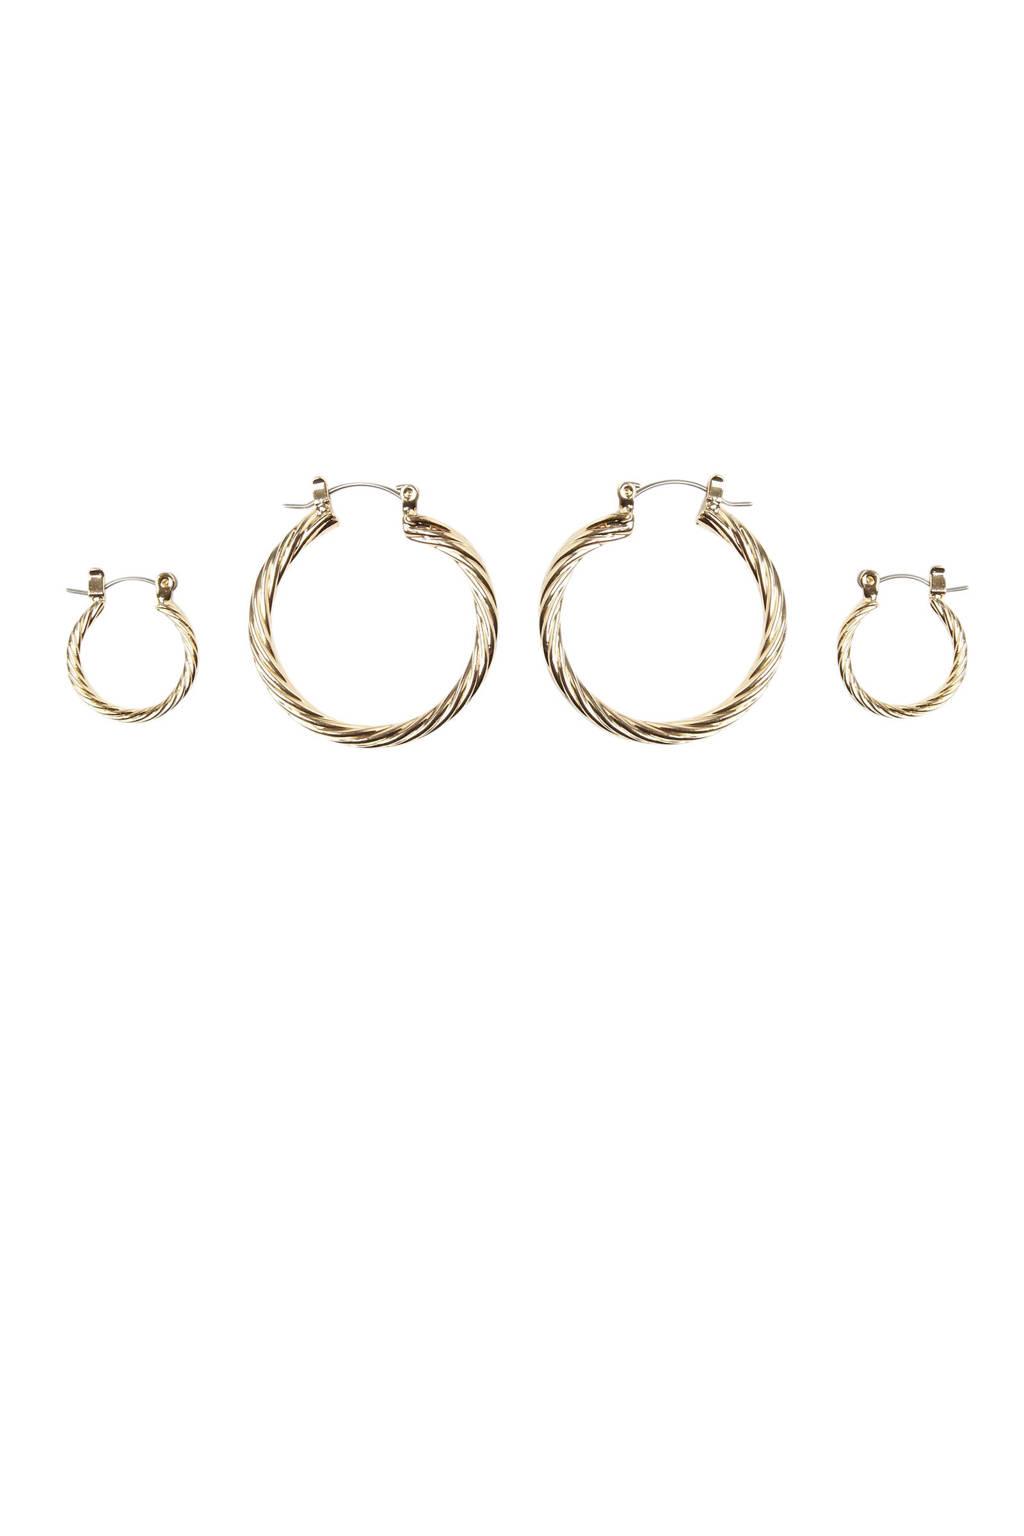 PIECES oorbellen set van 2 goud, Goud